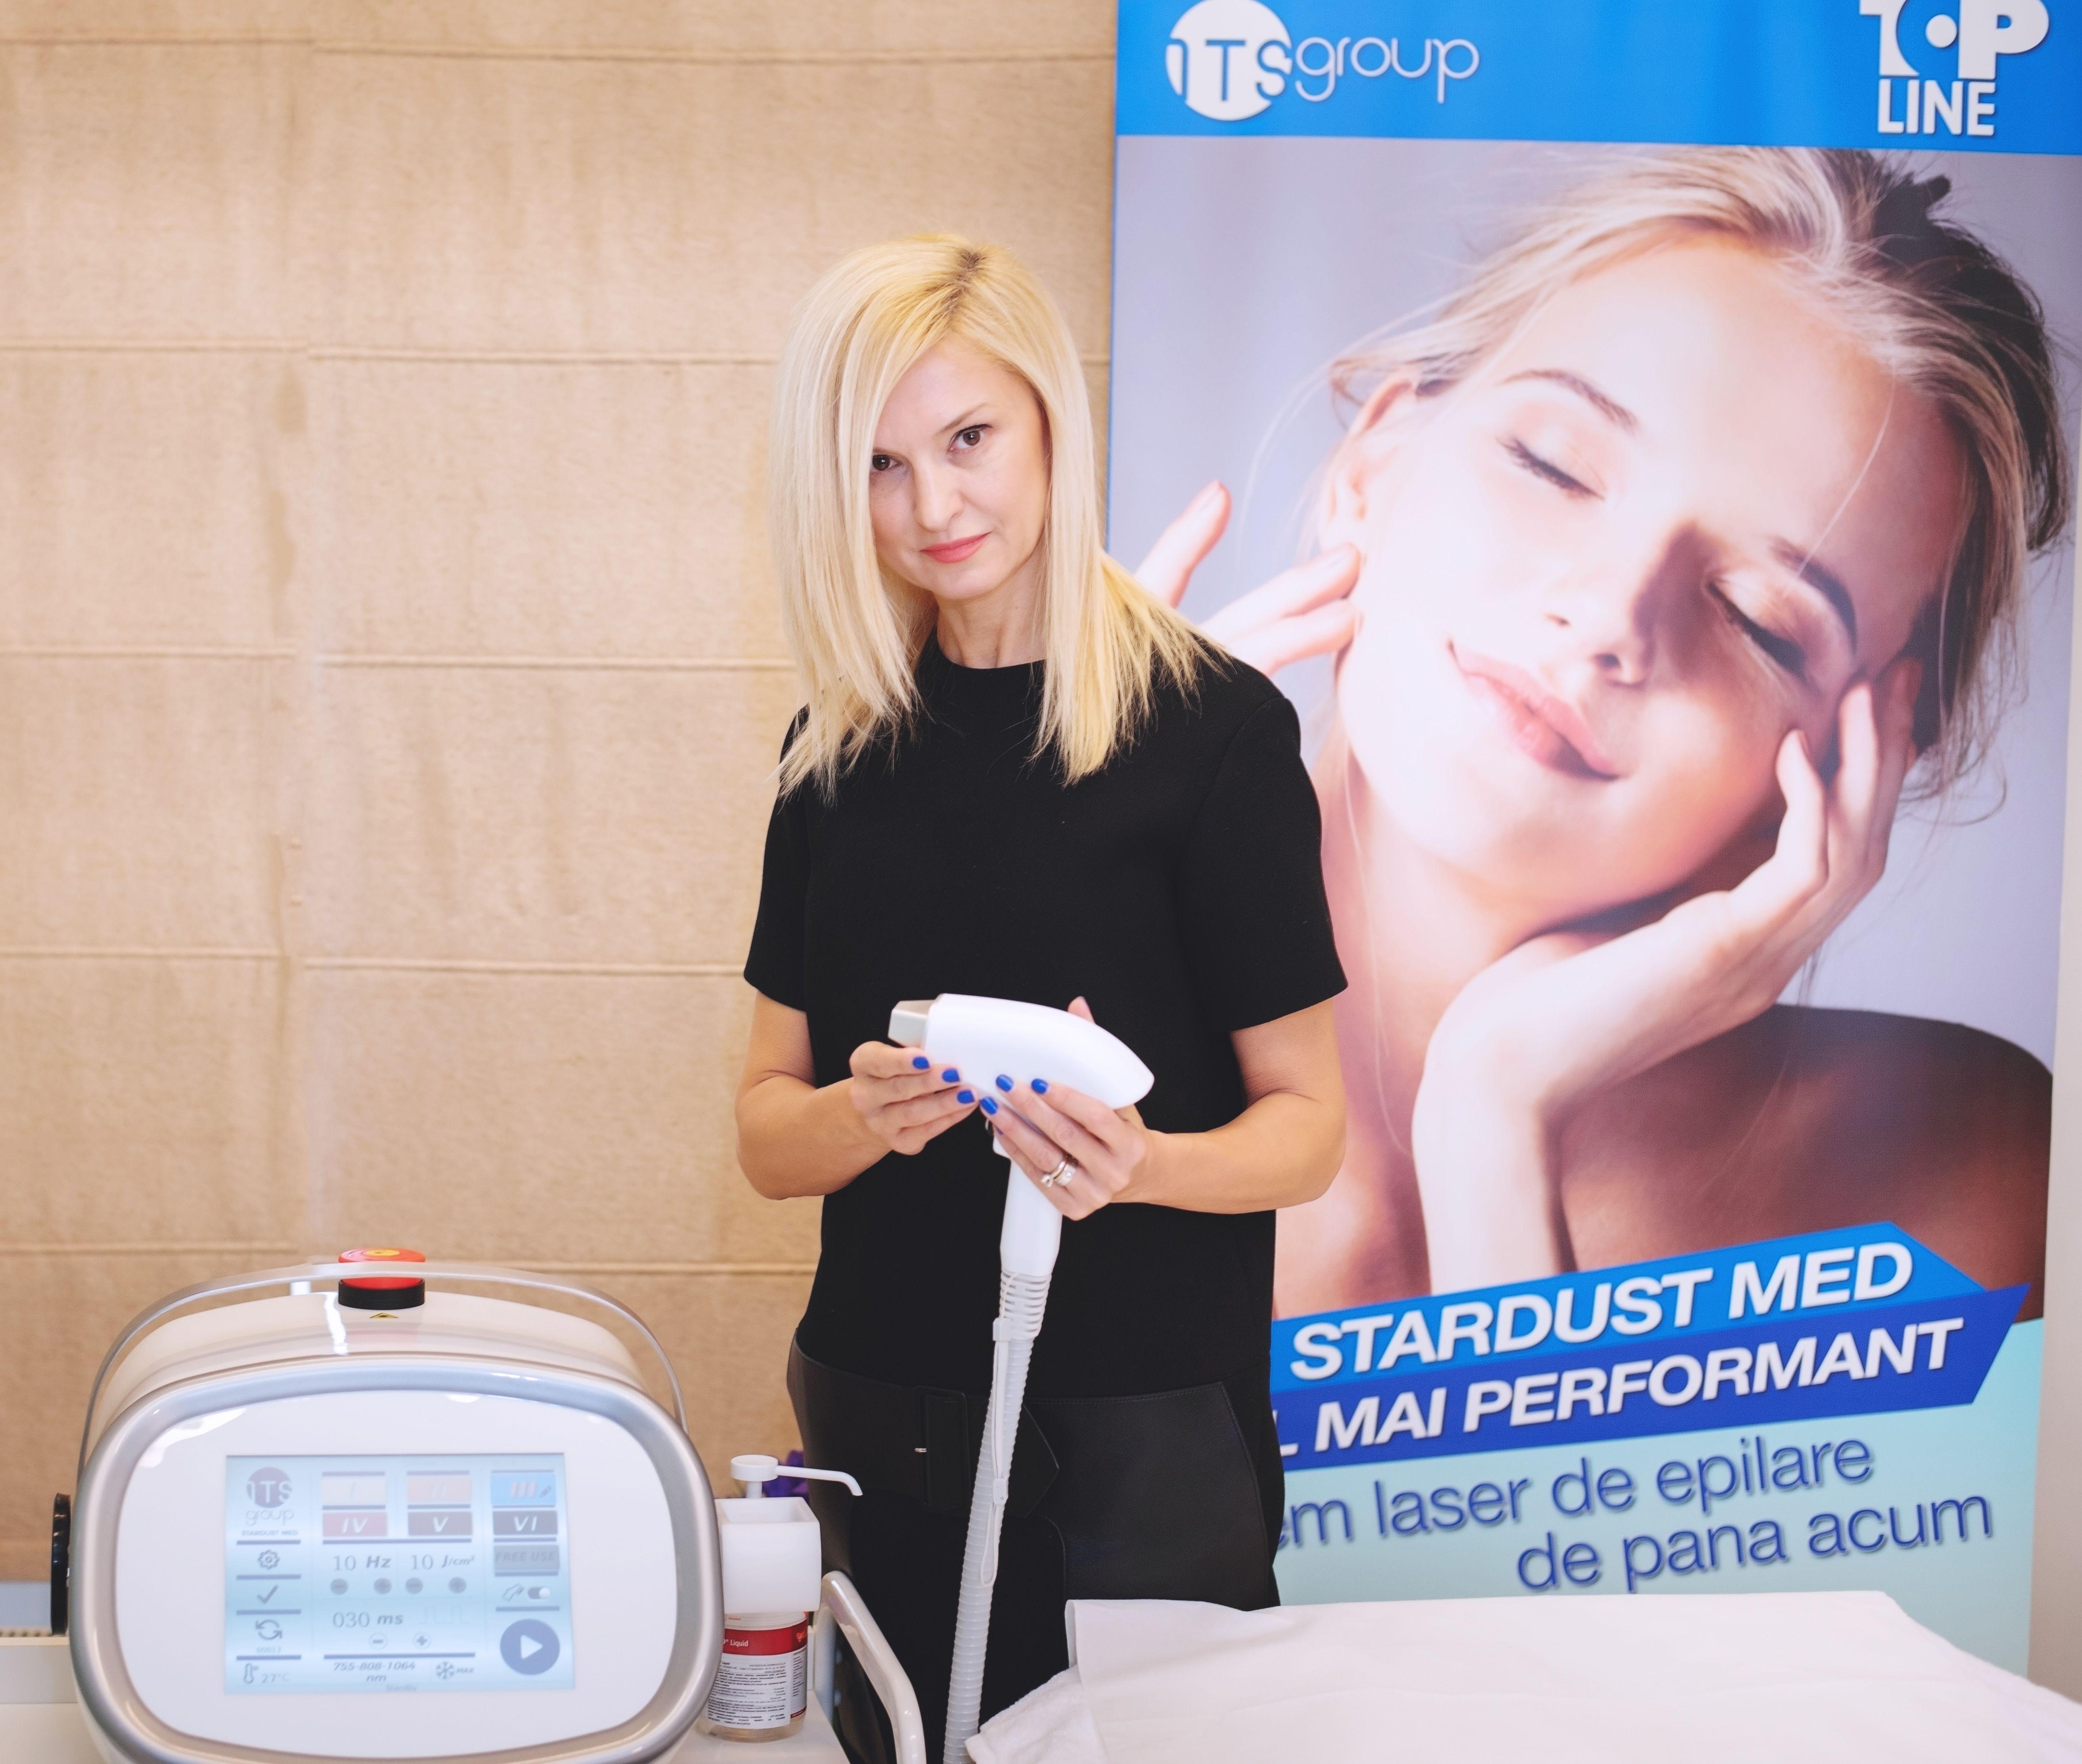 Top Line a lansat STARDUST MED, cel mai eficient si confortabil sistem de  epilare definitiva cu laser